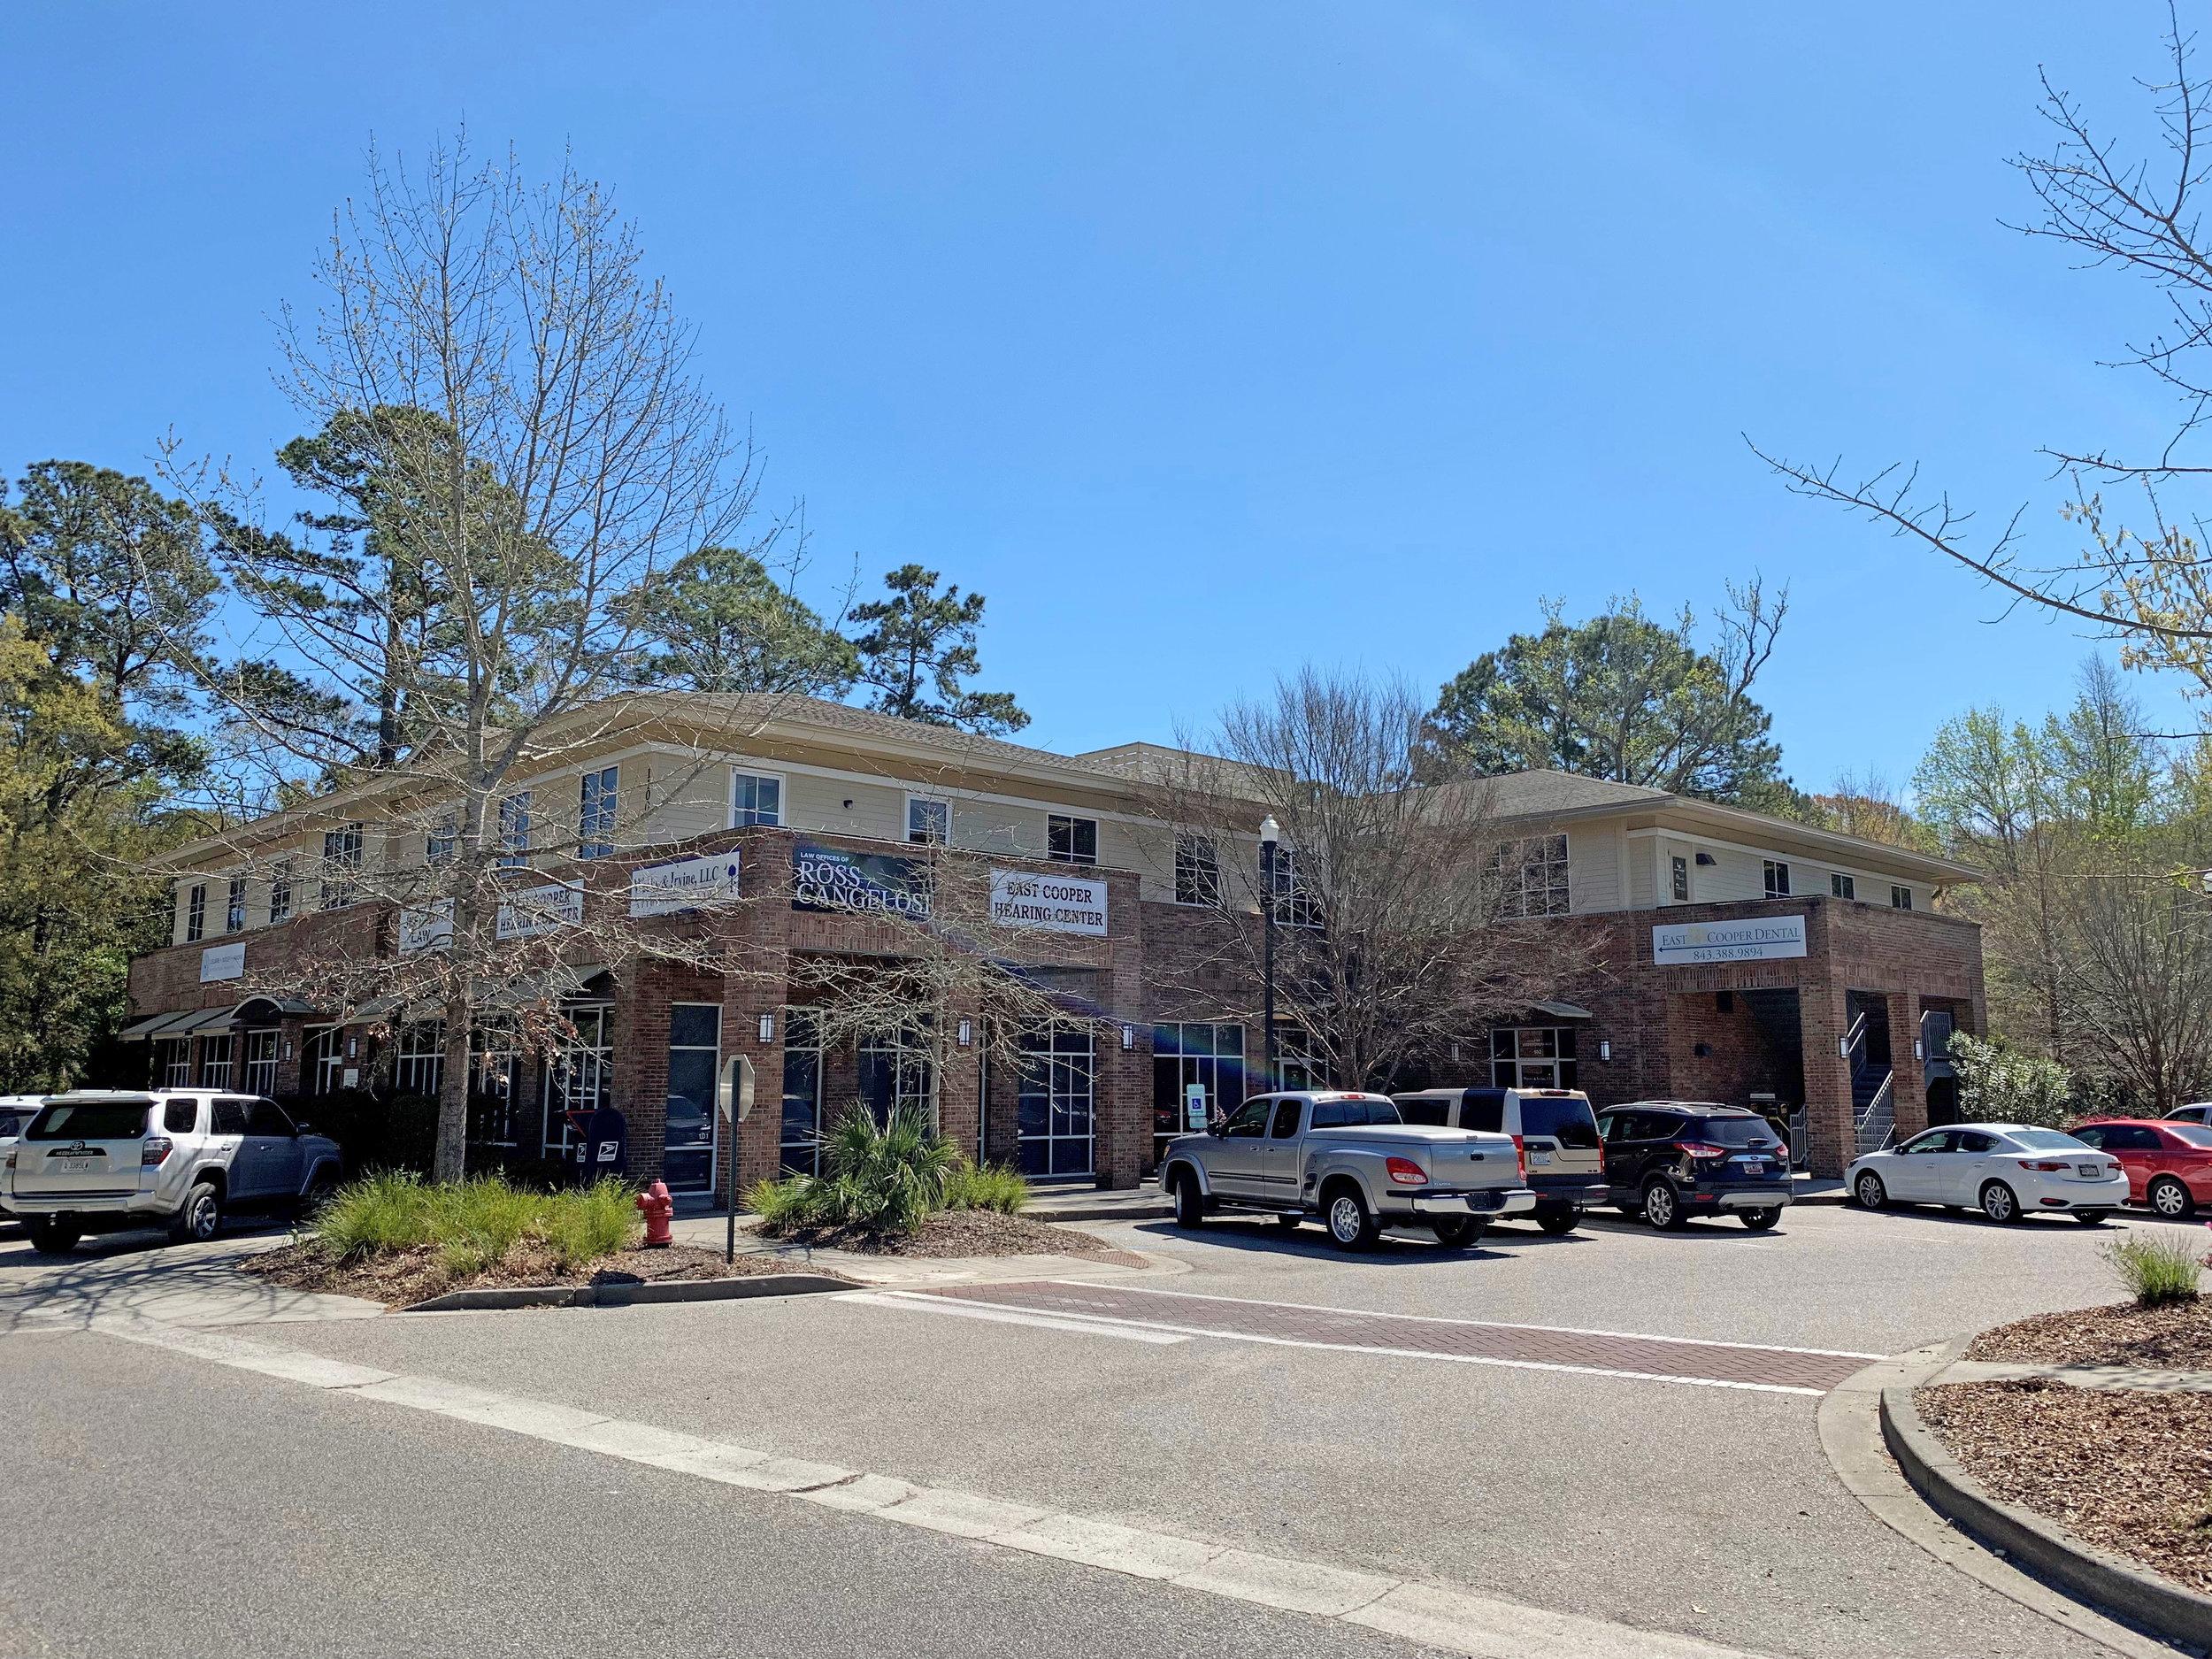 queensboro pic 1.jpg